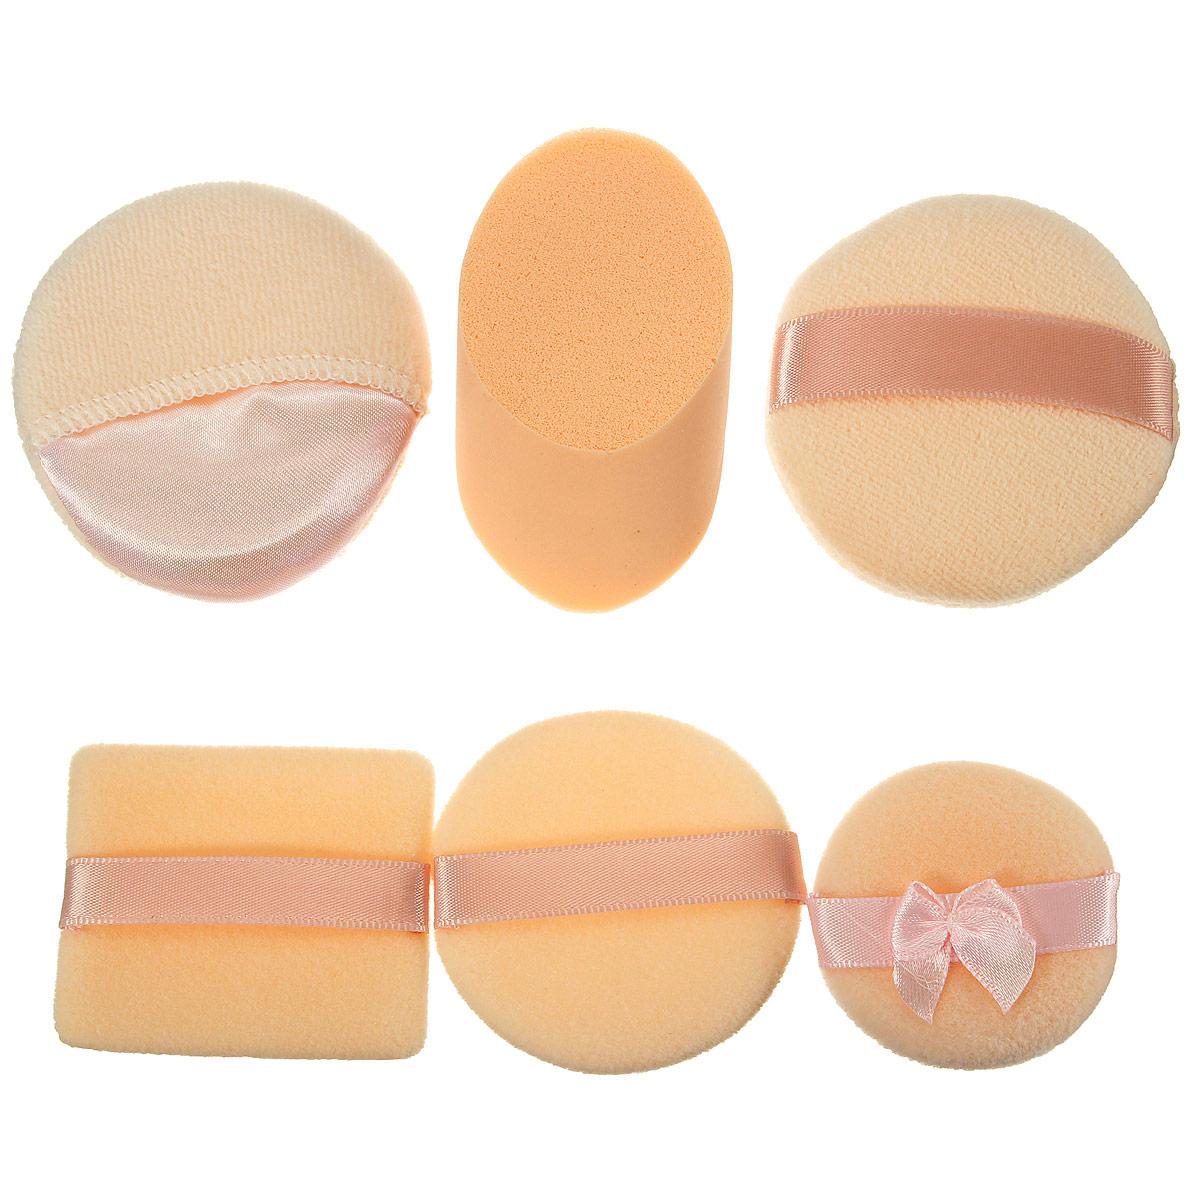 3pcs maquillaje suave borlas esponja cosméticos faciales establecen